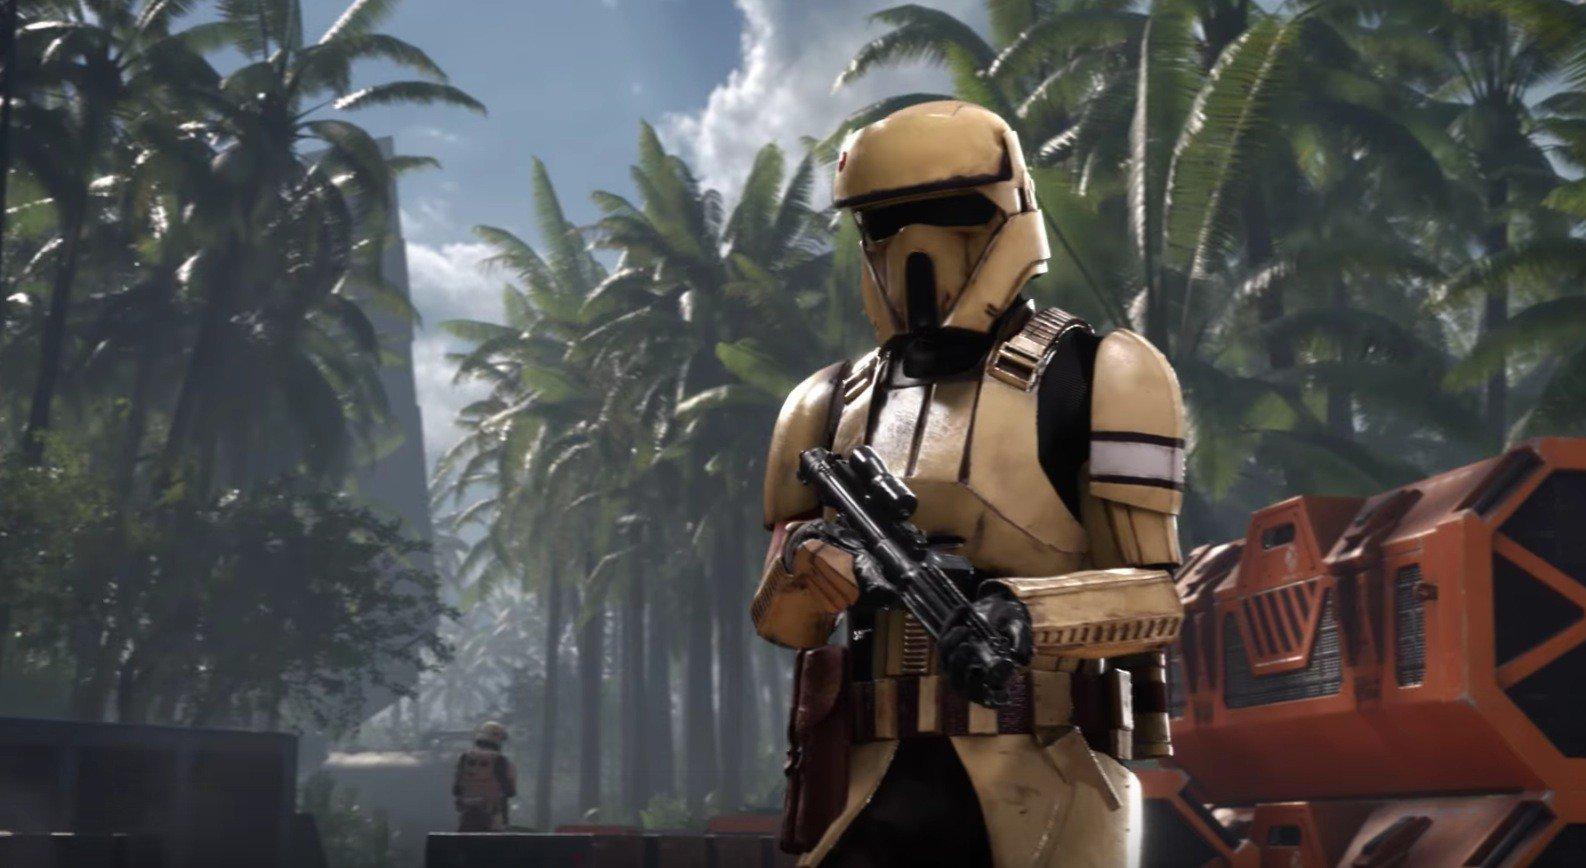 Star Wars: Los juegos de Visceral y Respawn se estrenarán en 2018 y 2019 respectivamente